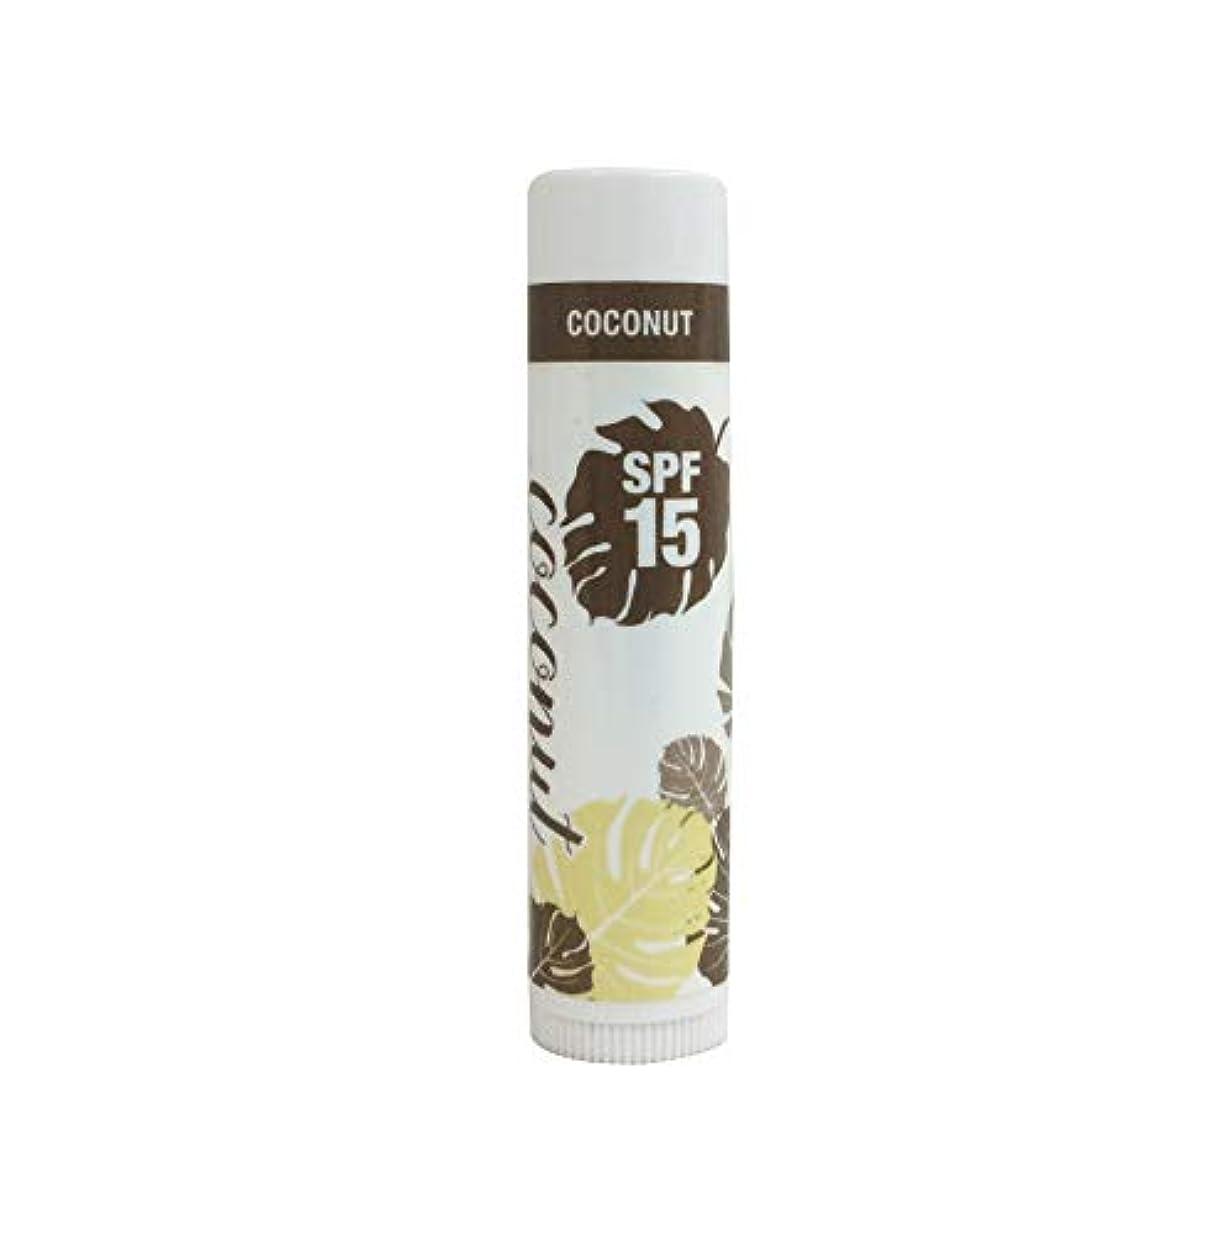 ムス副産物つまずくリップバーム SPF15 4.8g ココナッツ